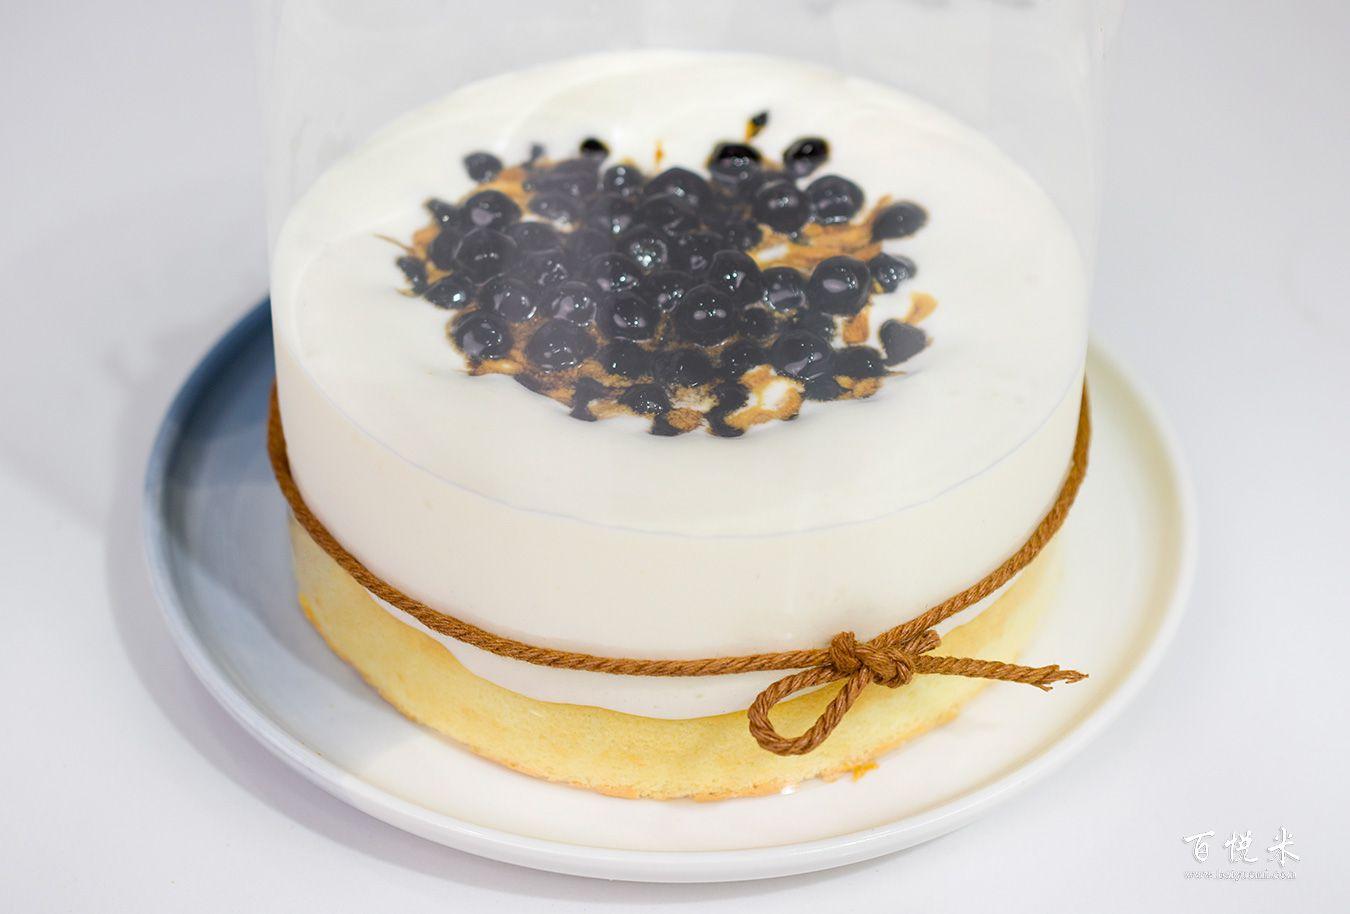 珍珠奶茶云朵蛋糕高清图片大全【蛋糕图片】_882